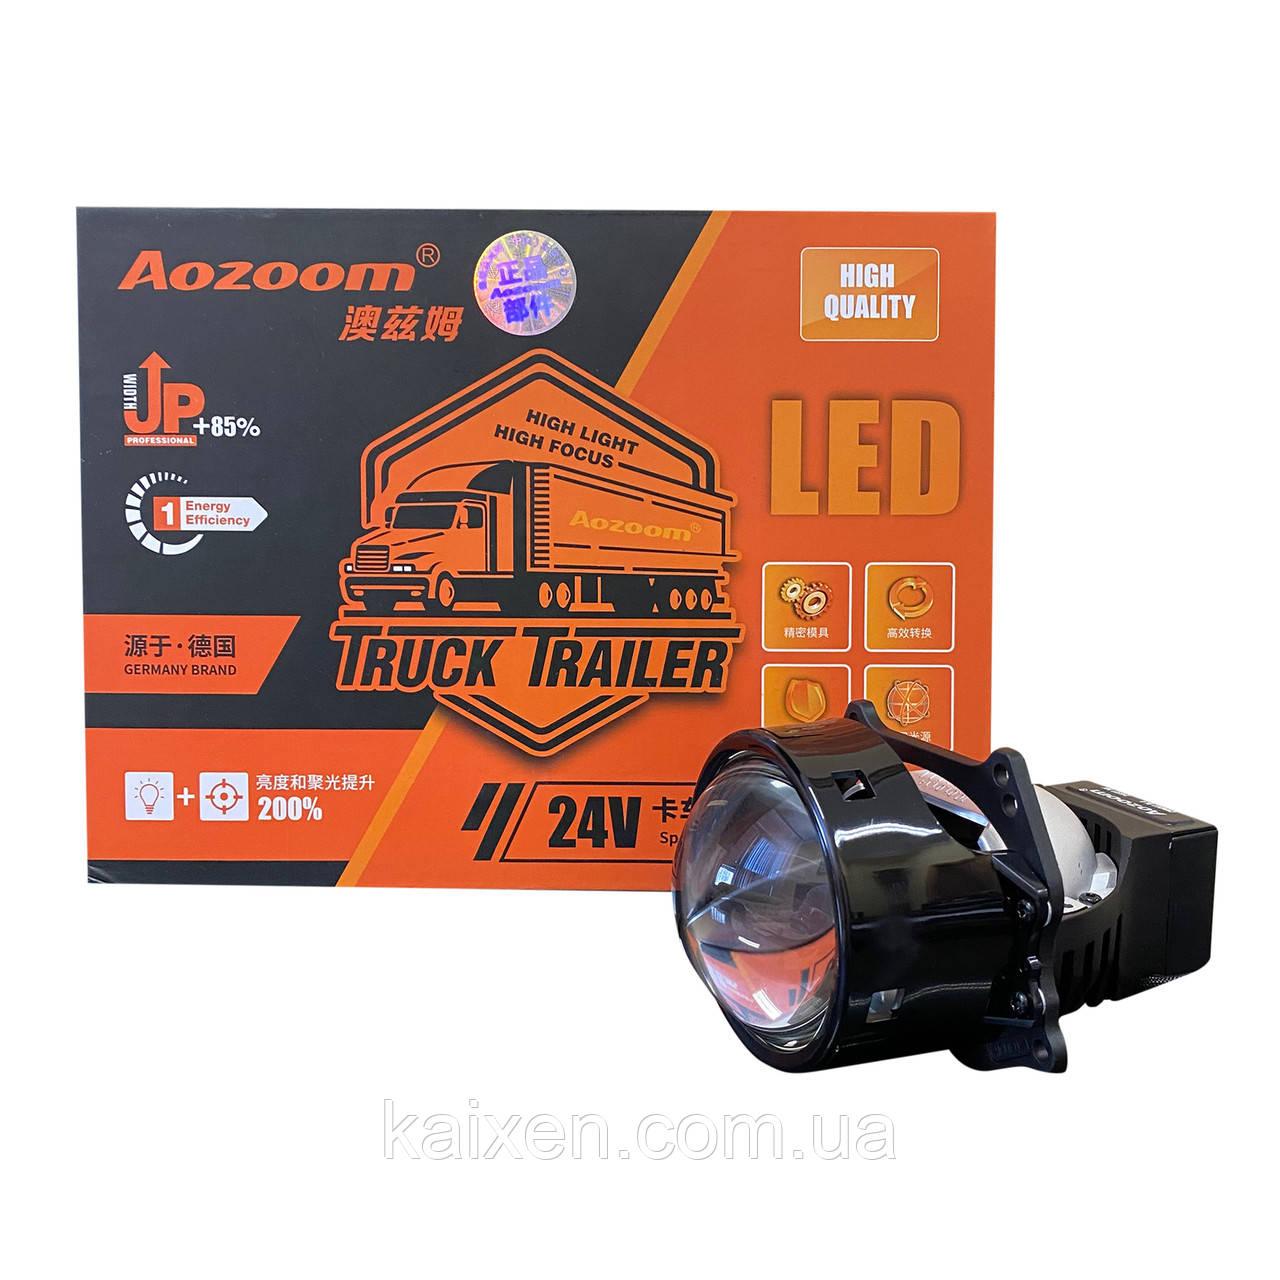 Bi-led лінзи Aozoom Track 24V 3 дюйми